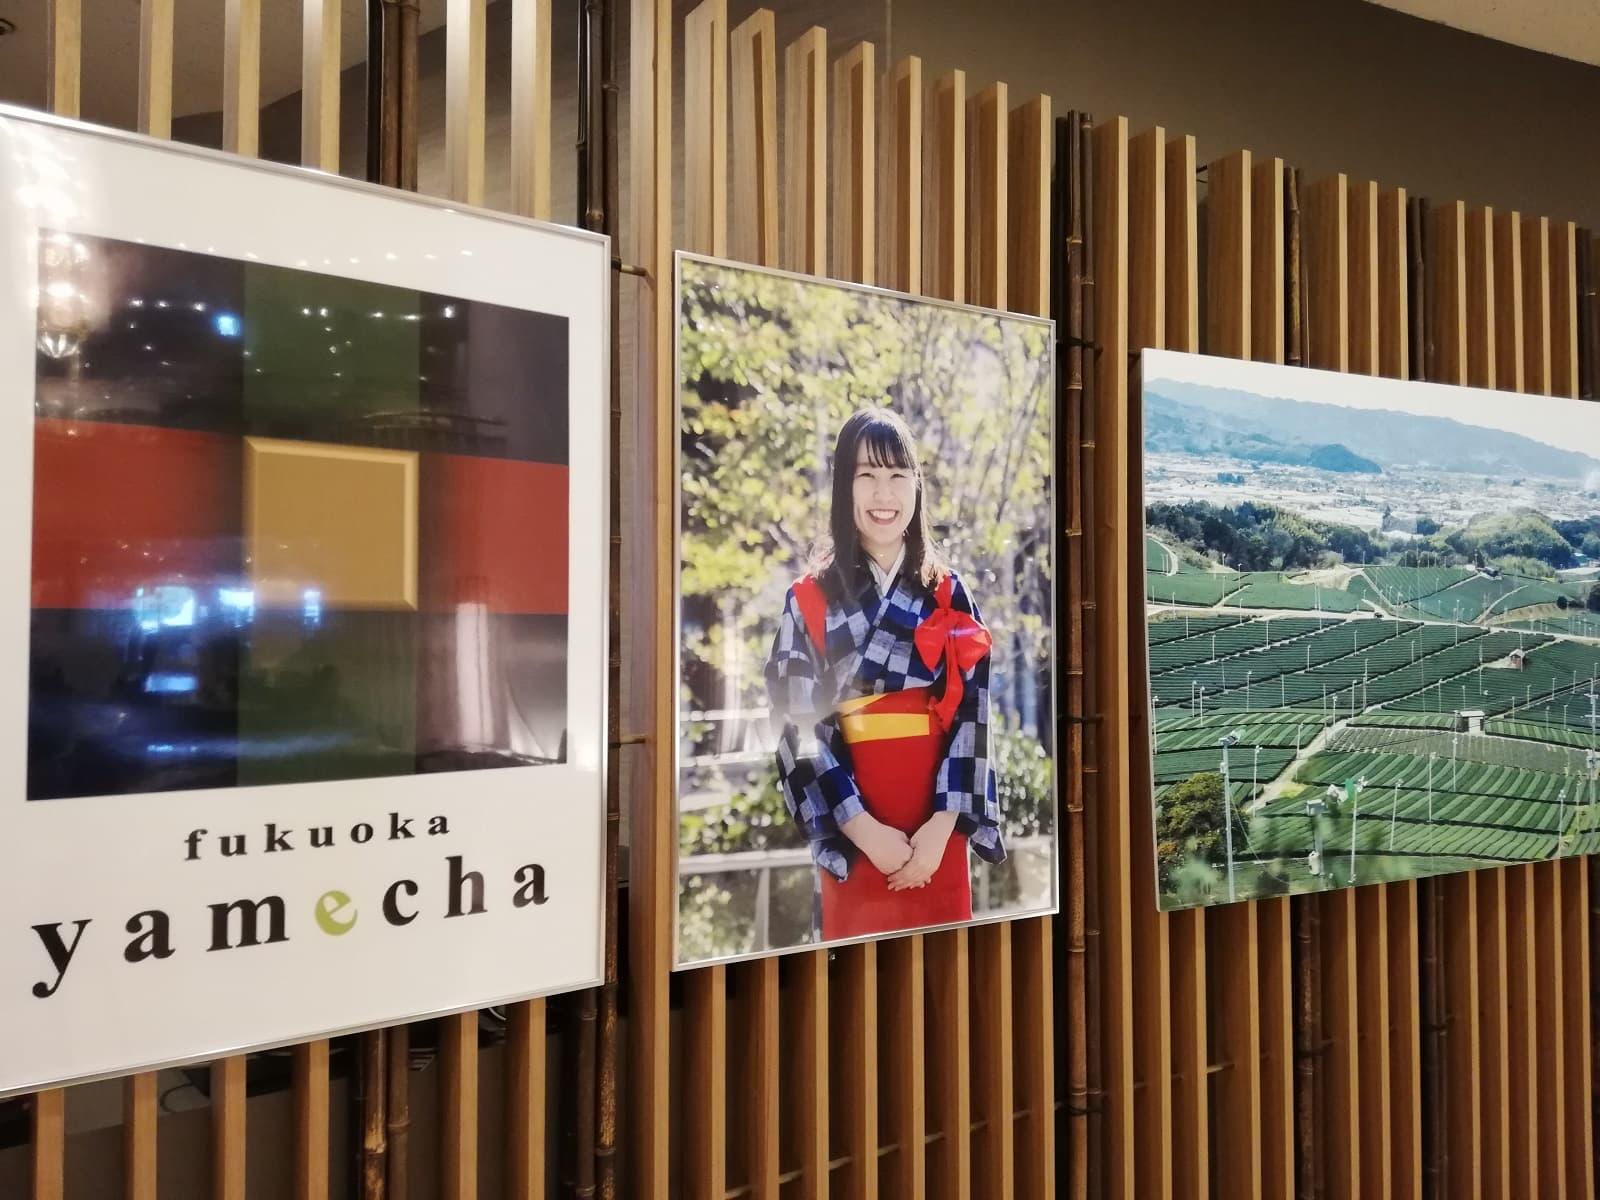 スイスホテル南海大阪「福岡・八女茶アフタヌーンティー」の八女茶宣伝ポスター